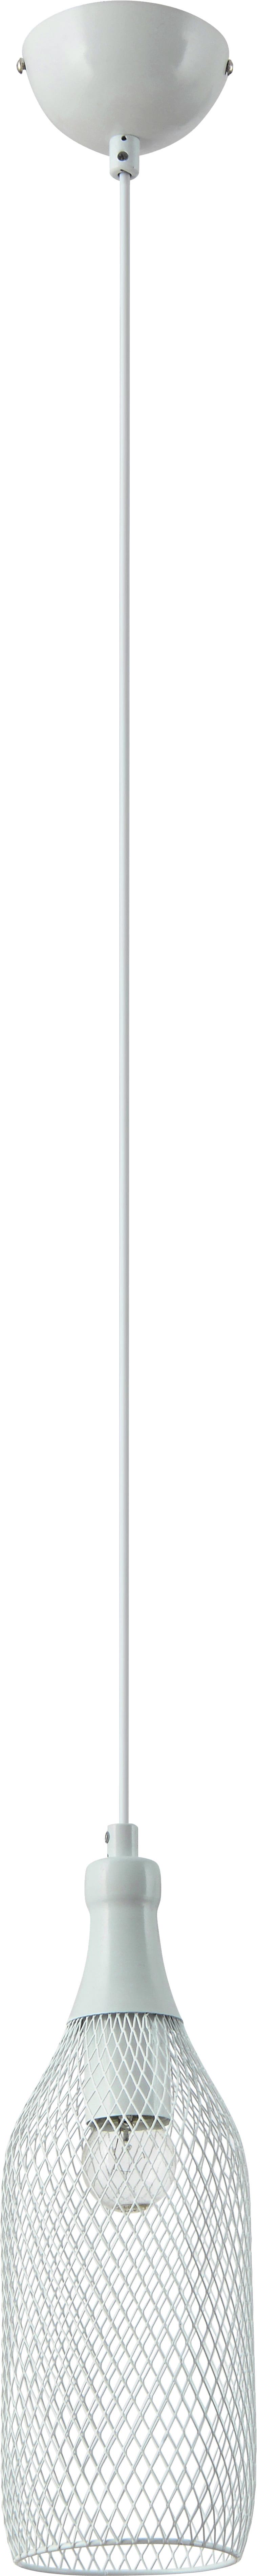 Lampa wisząca transparentna Barla biała siatka 60W